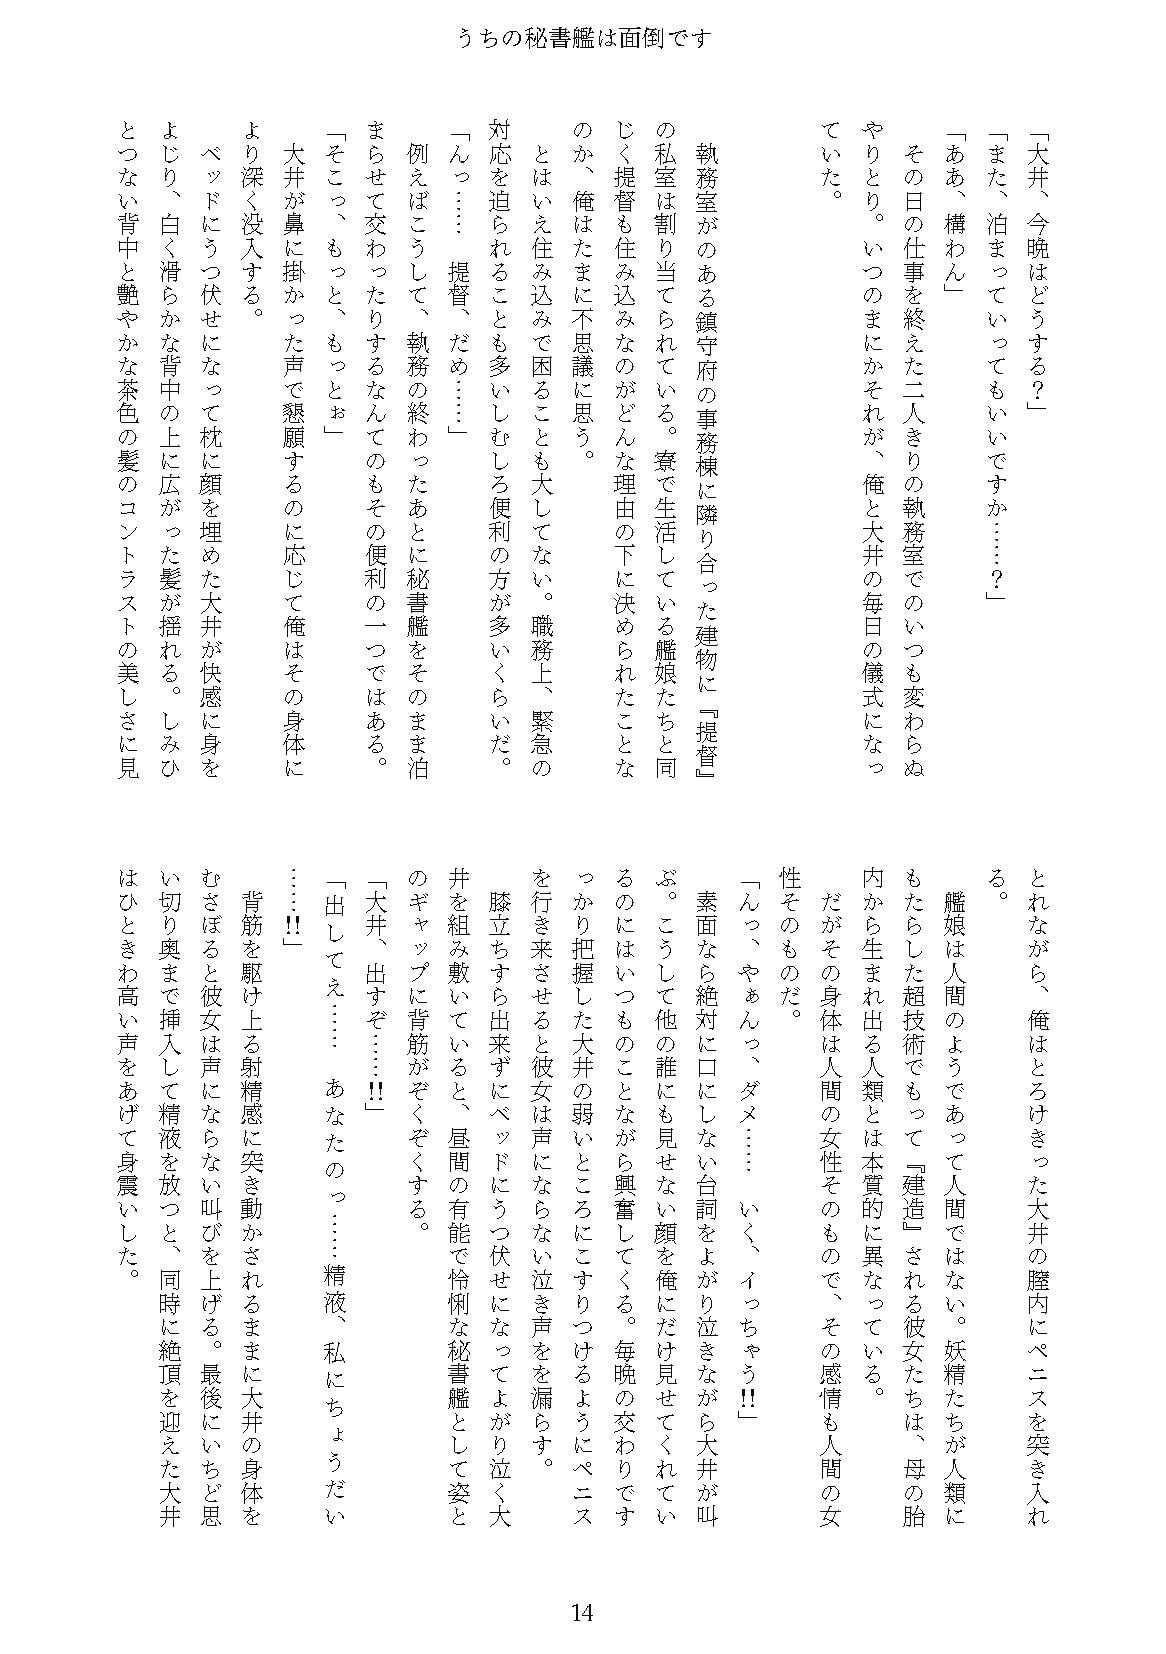 不器用に溶けたチョコレート ~面倒艦娘小説合同~